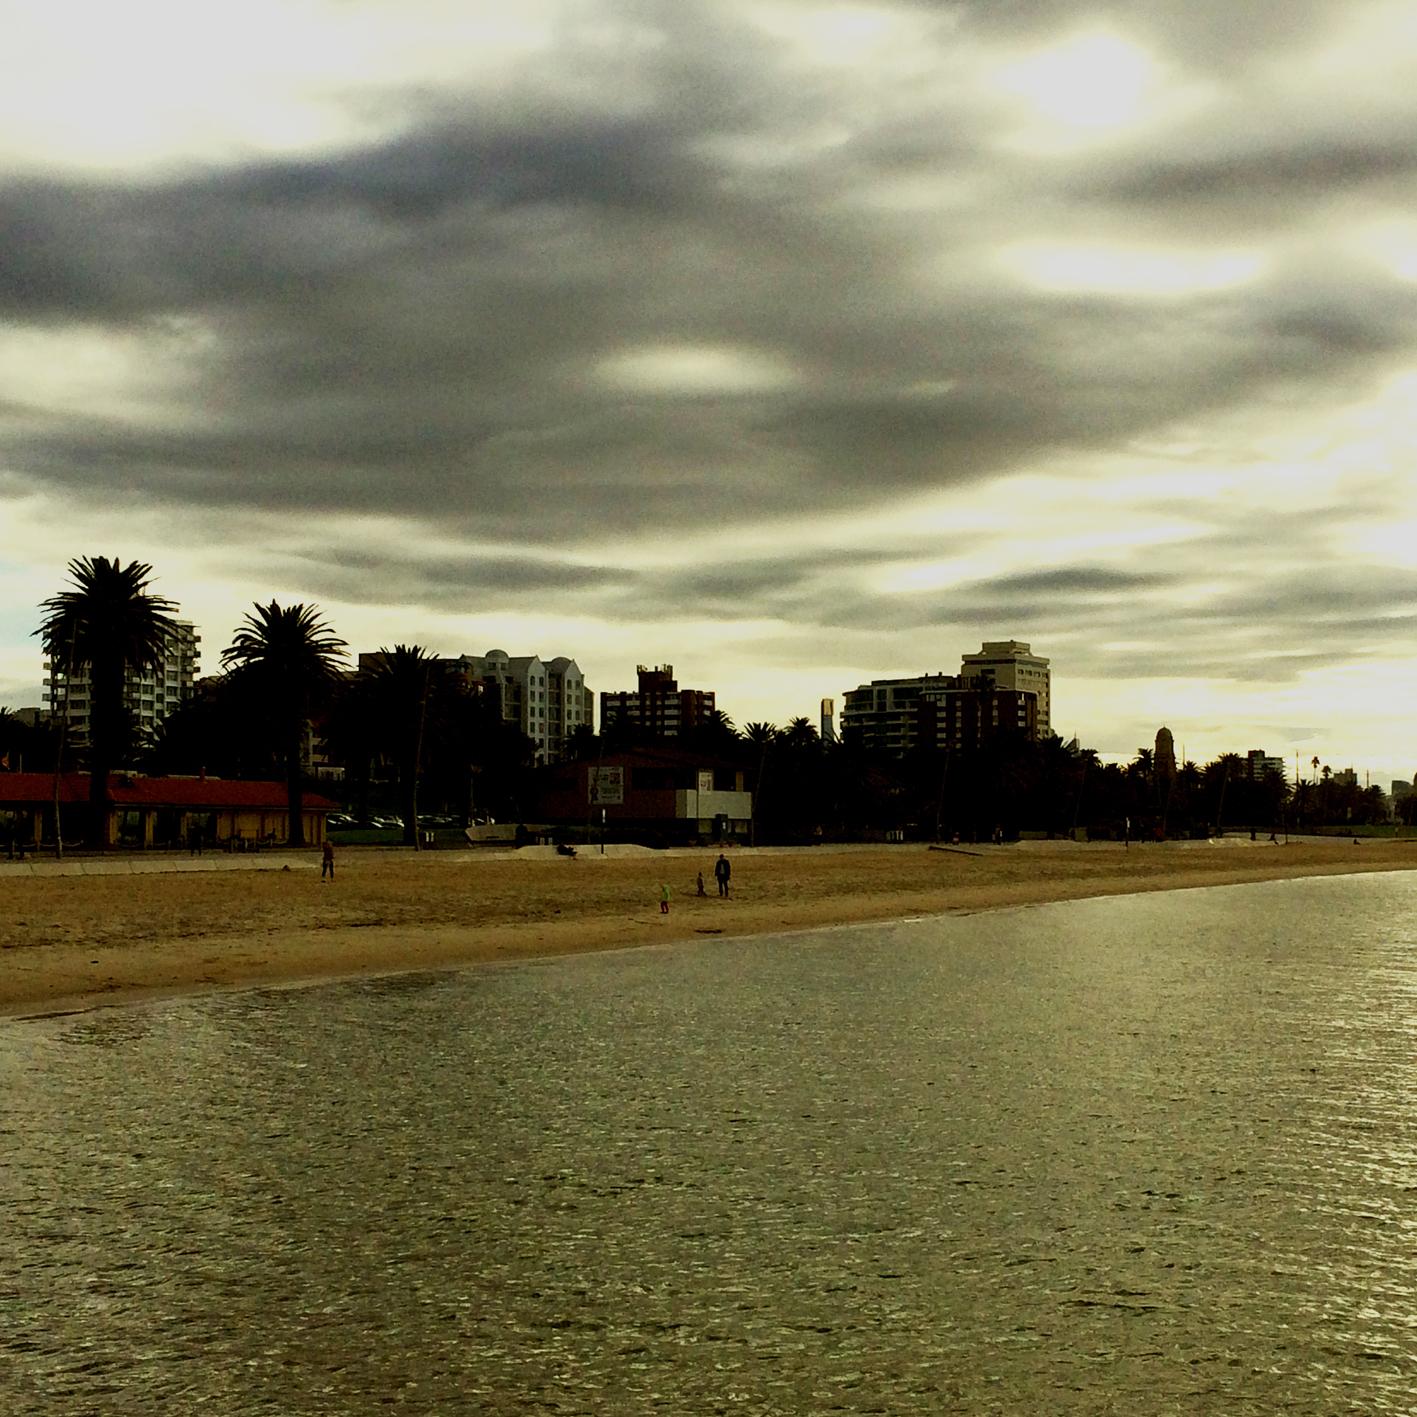 'Sunny' St. Kilda beach earlier today...Brr.